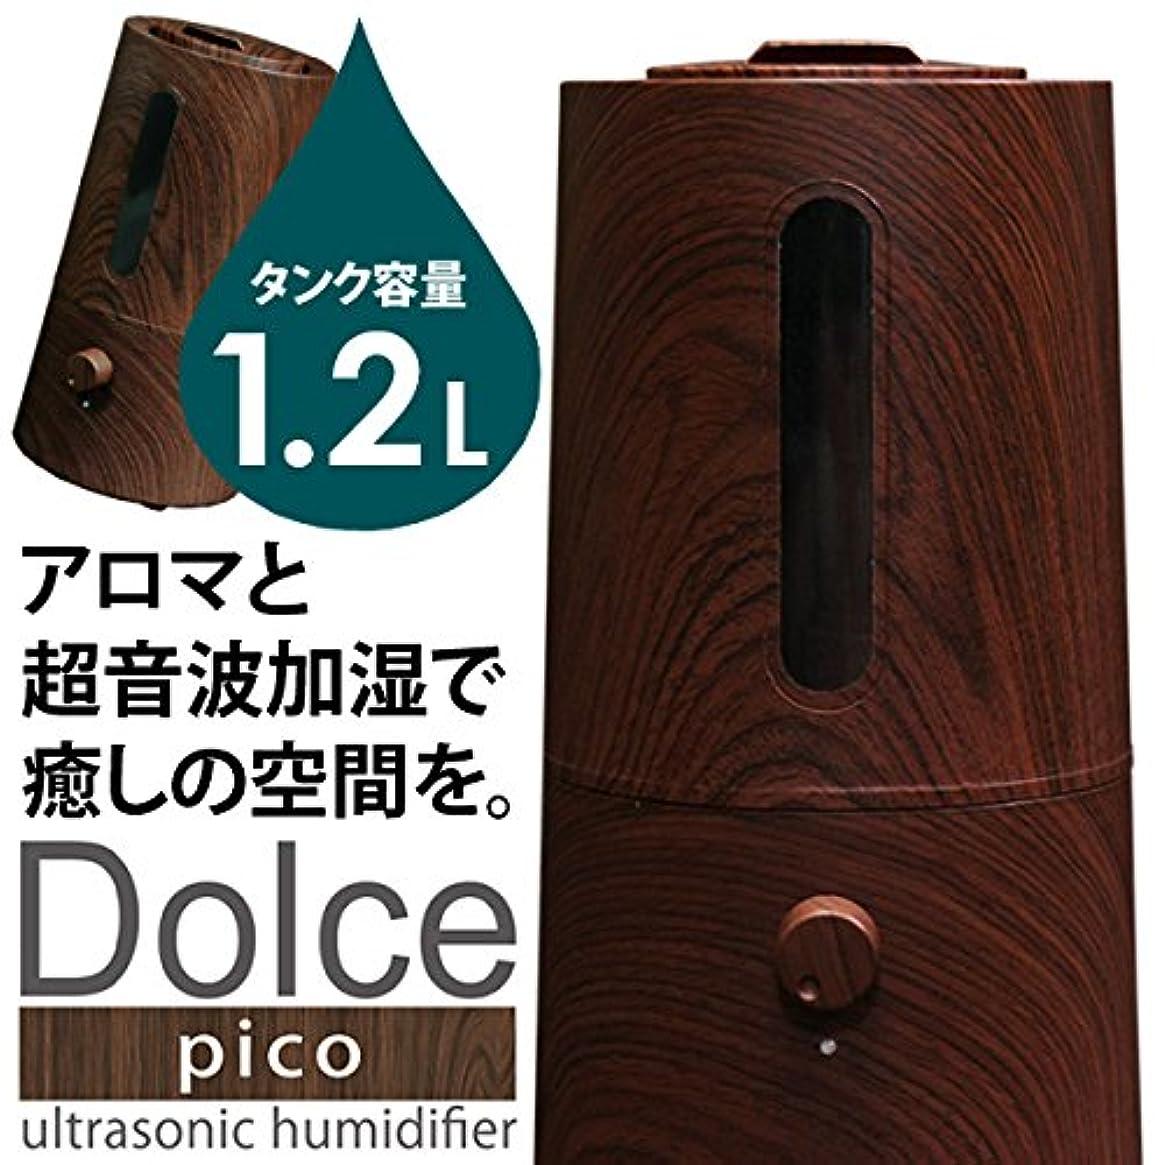 問題使い込む前奏曲超音波加湿器Dolce pico ドルチェピコ【木目調】